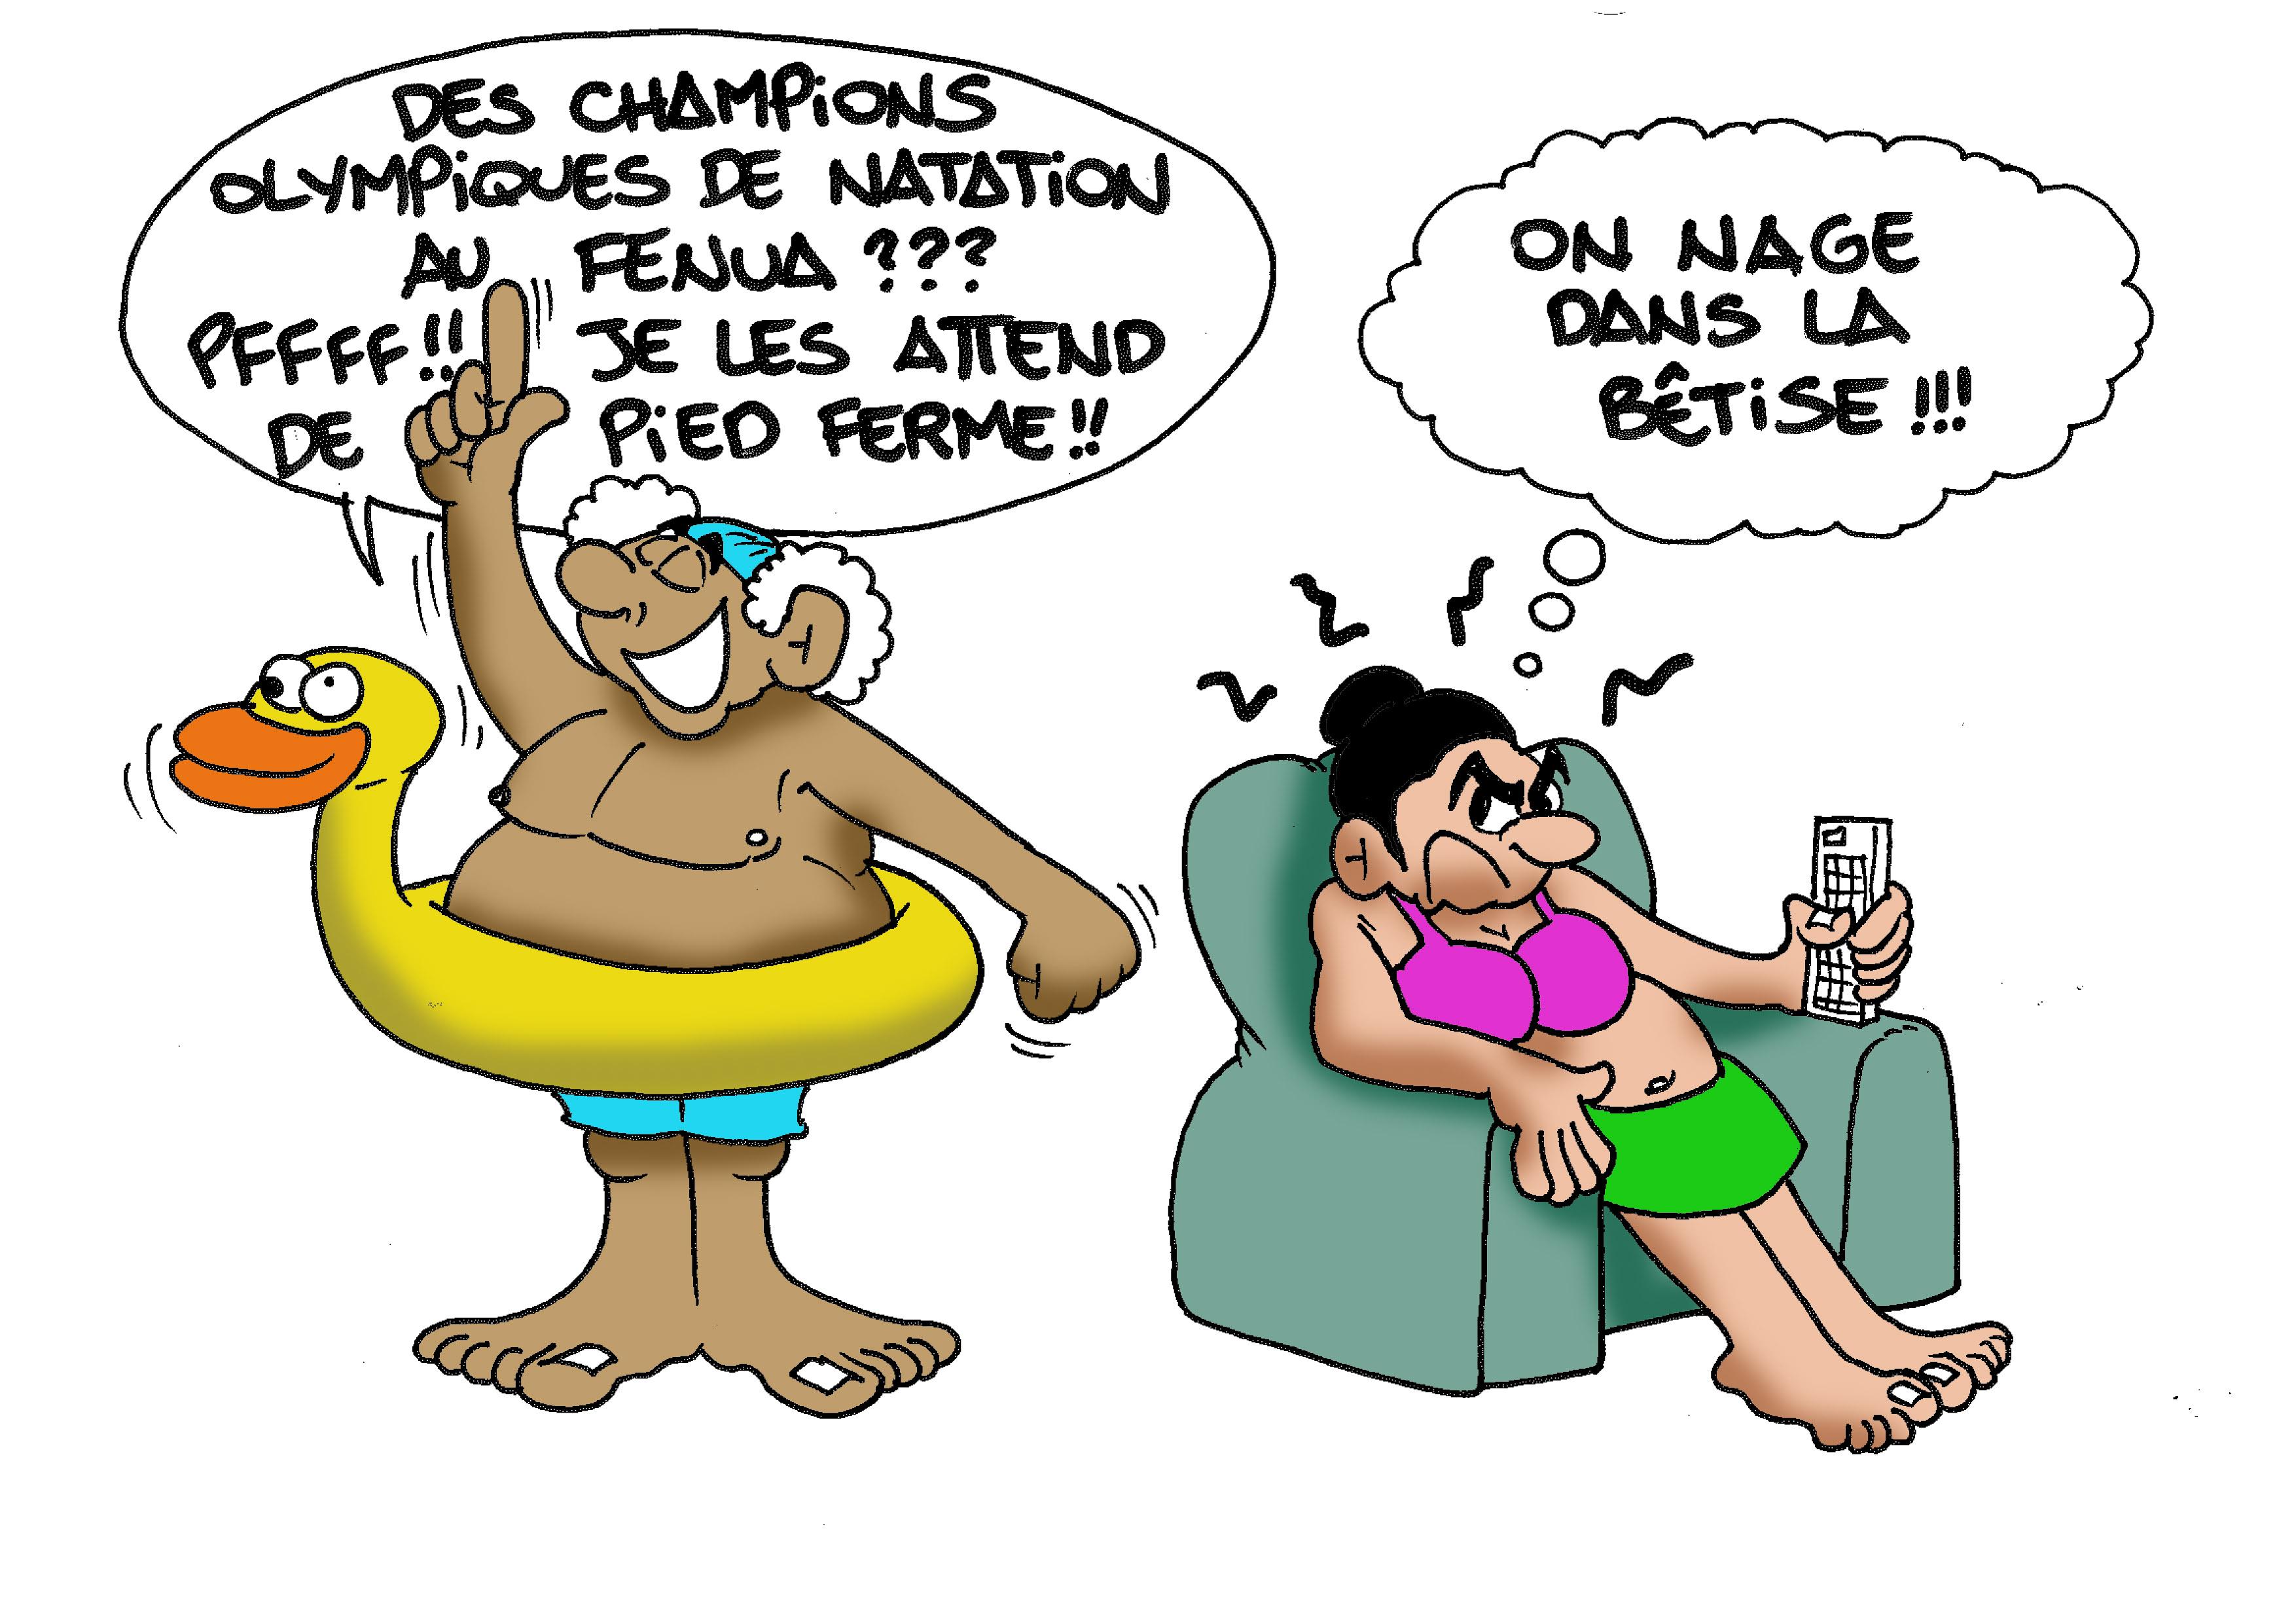 """"""" Les champions de natation au fenua """" par Munoz"""